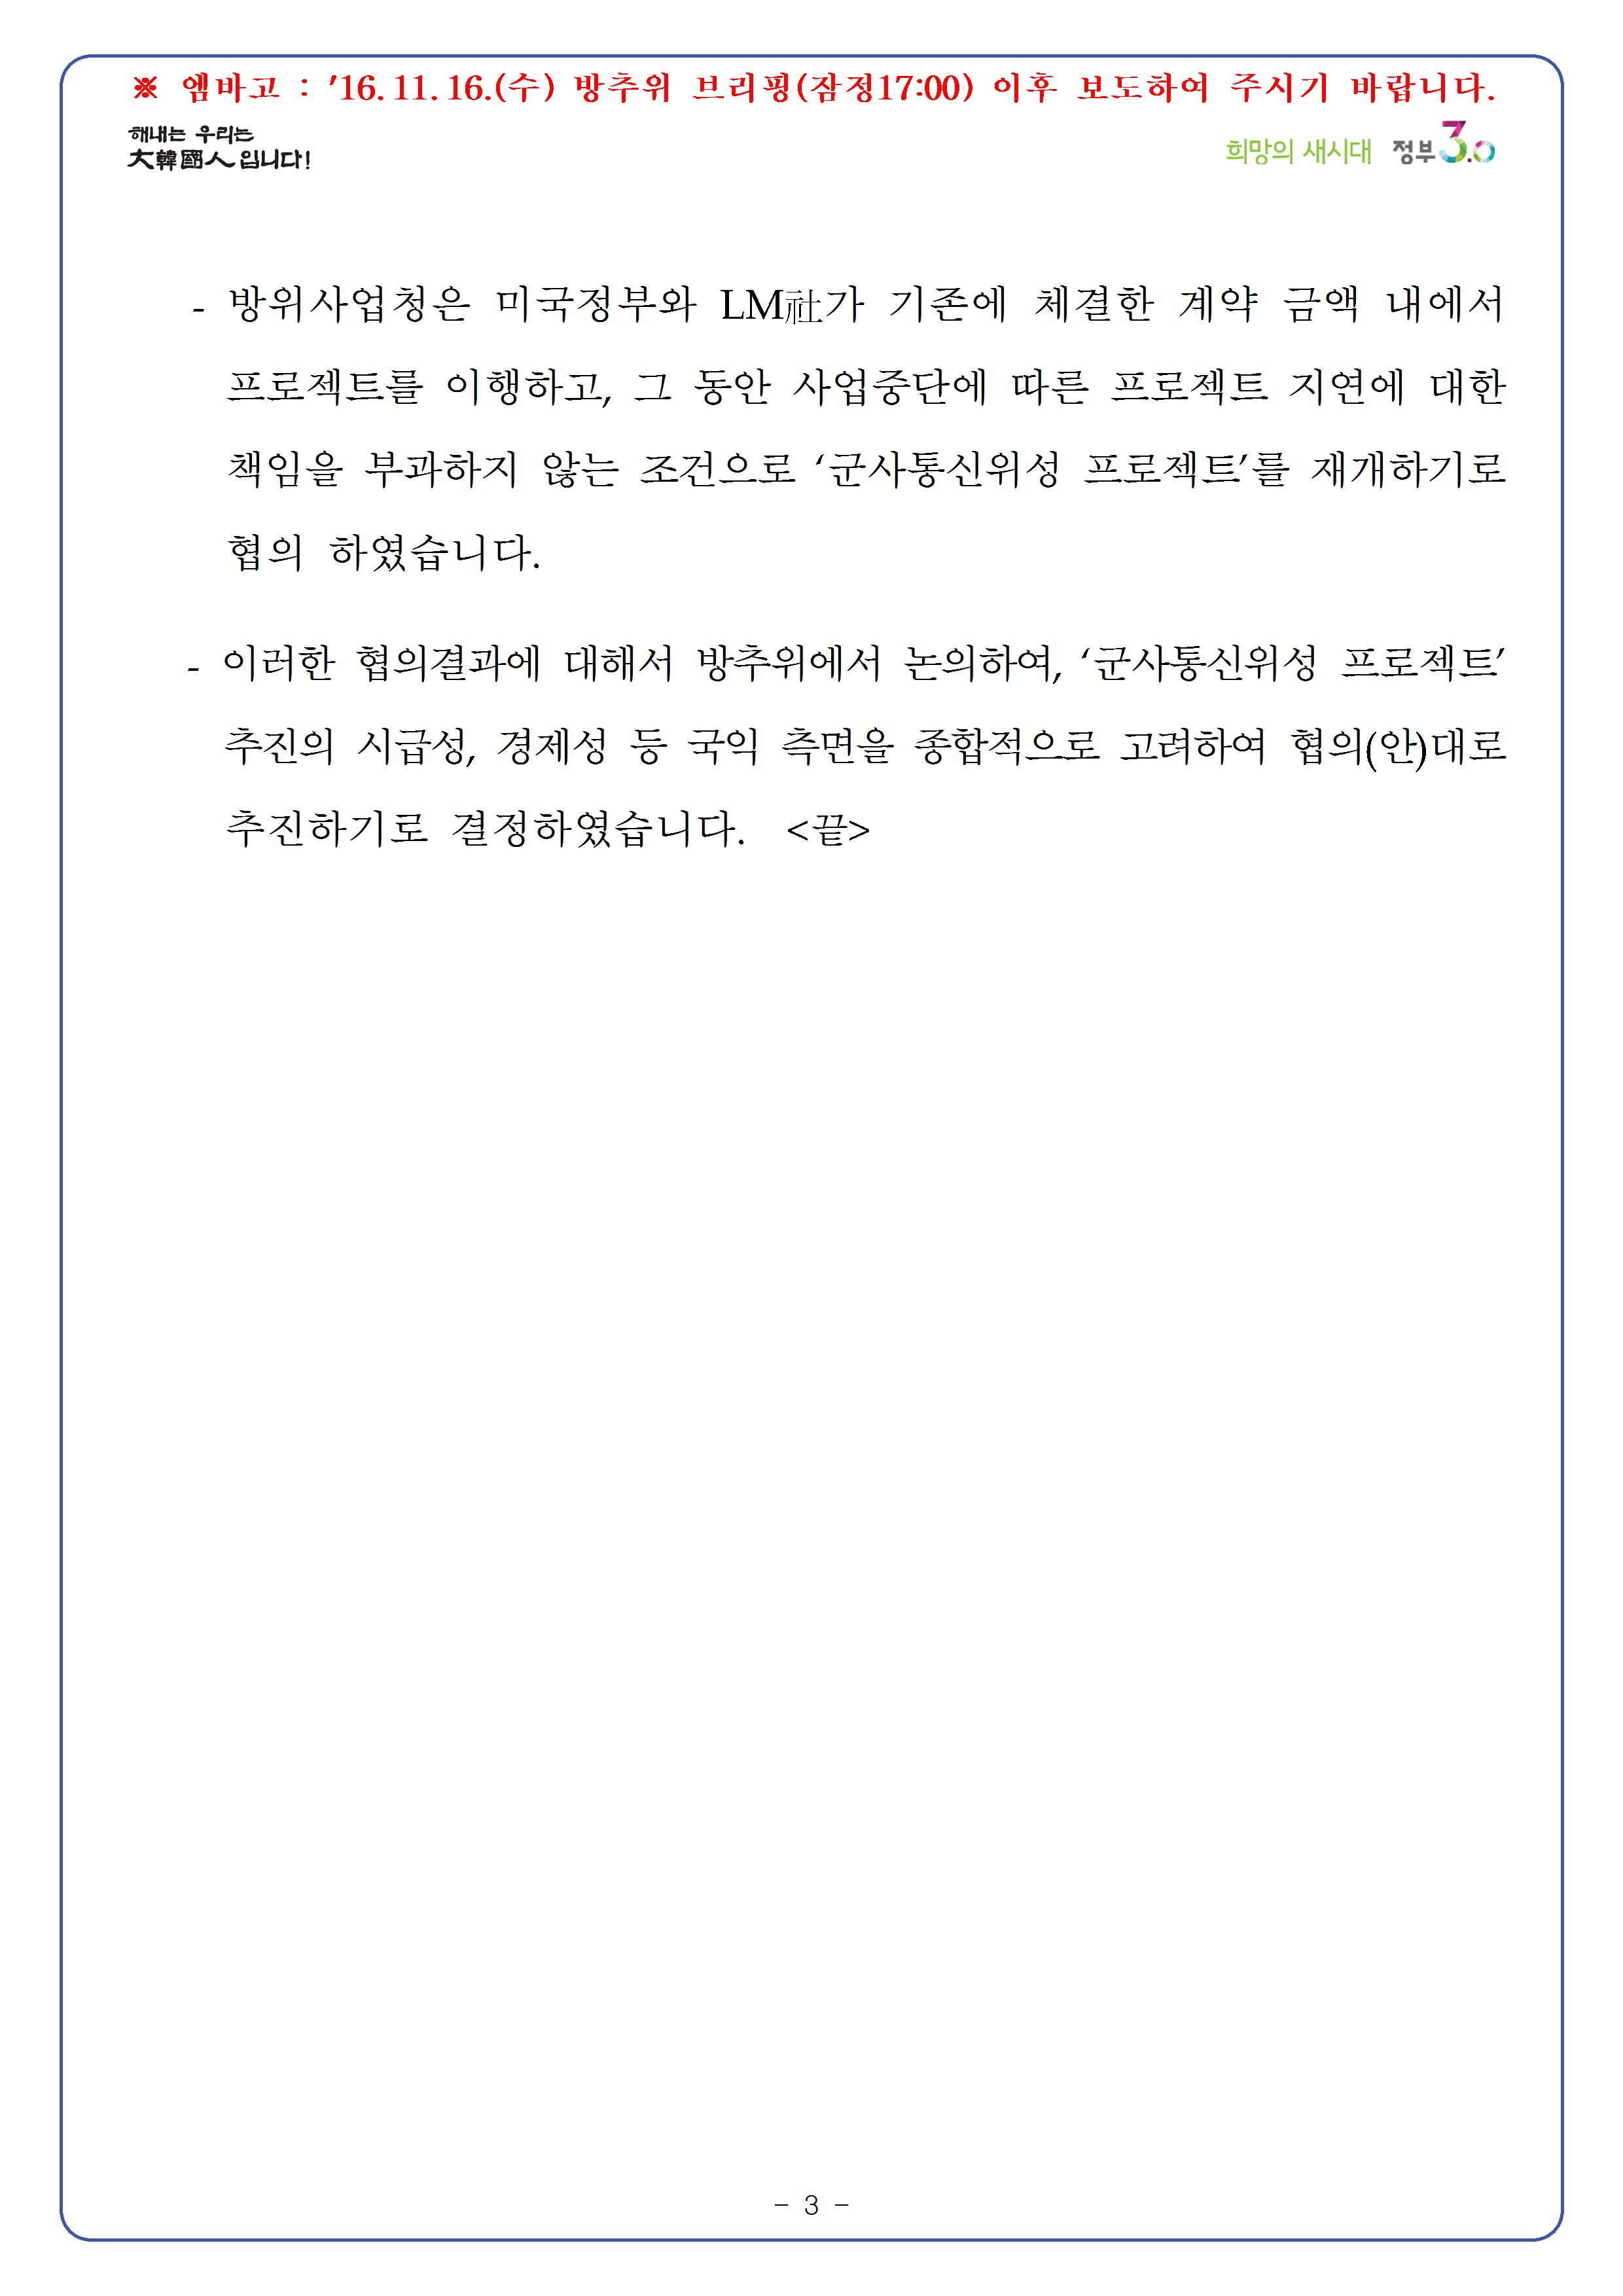 20161116_제97회 방위사업추진위원회 개최결과_1안003.png